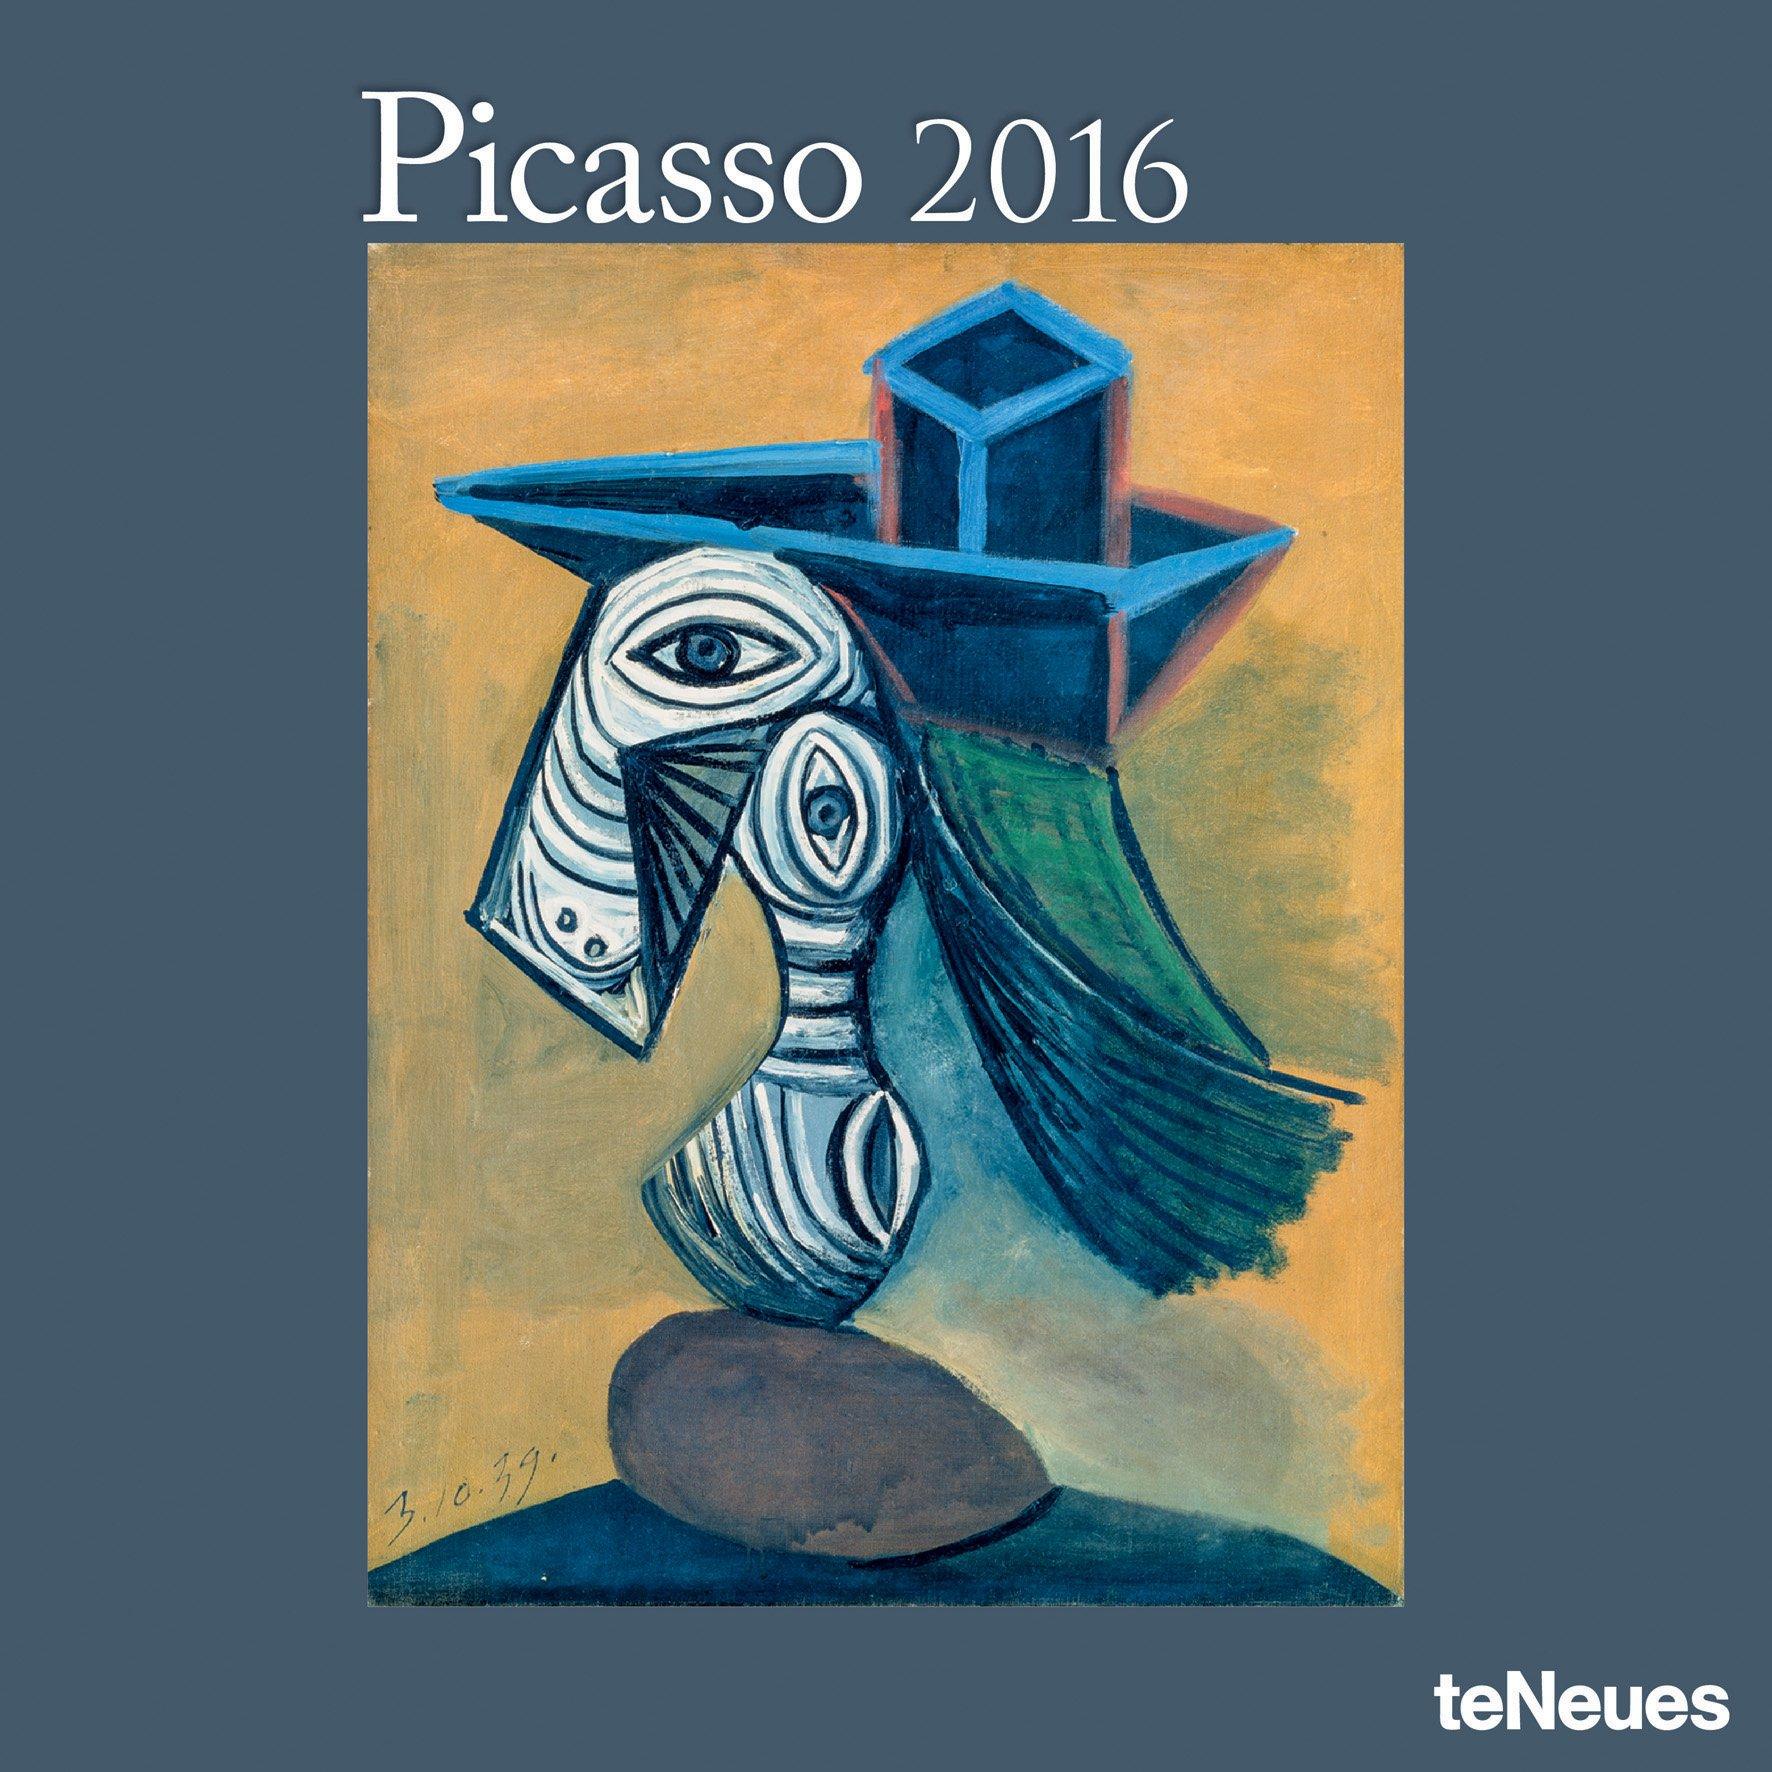 2016 pablo picasso wall calendar